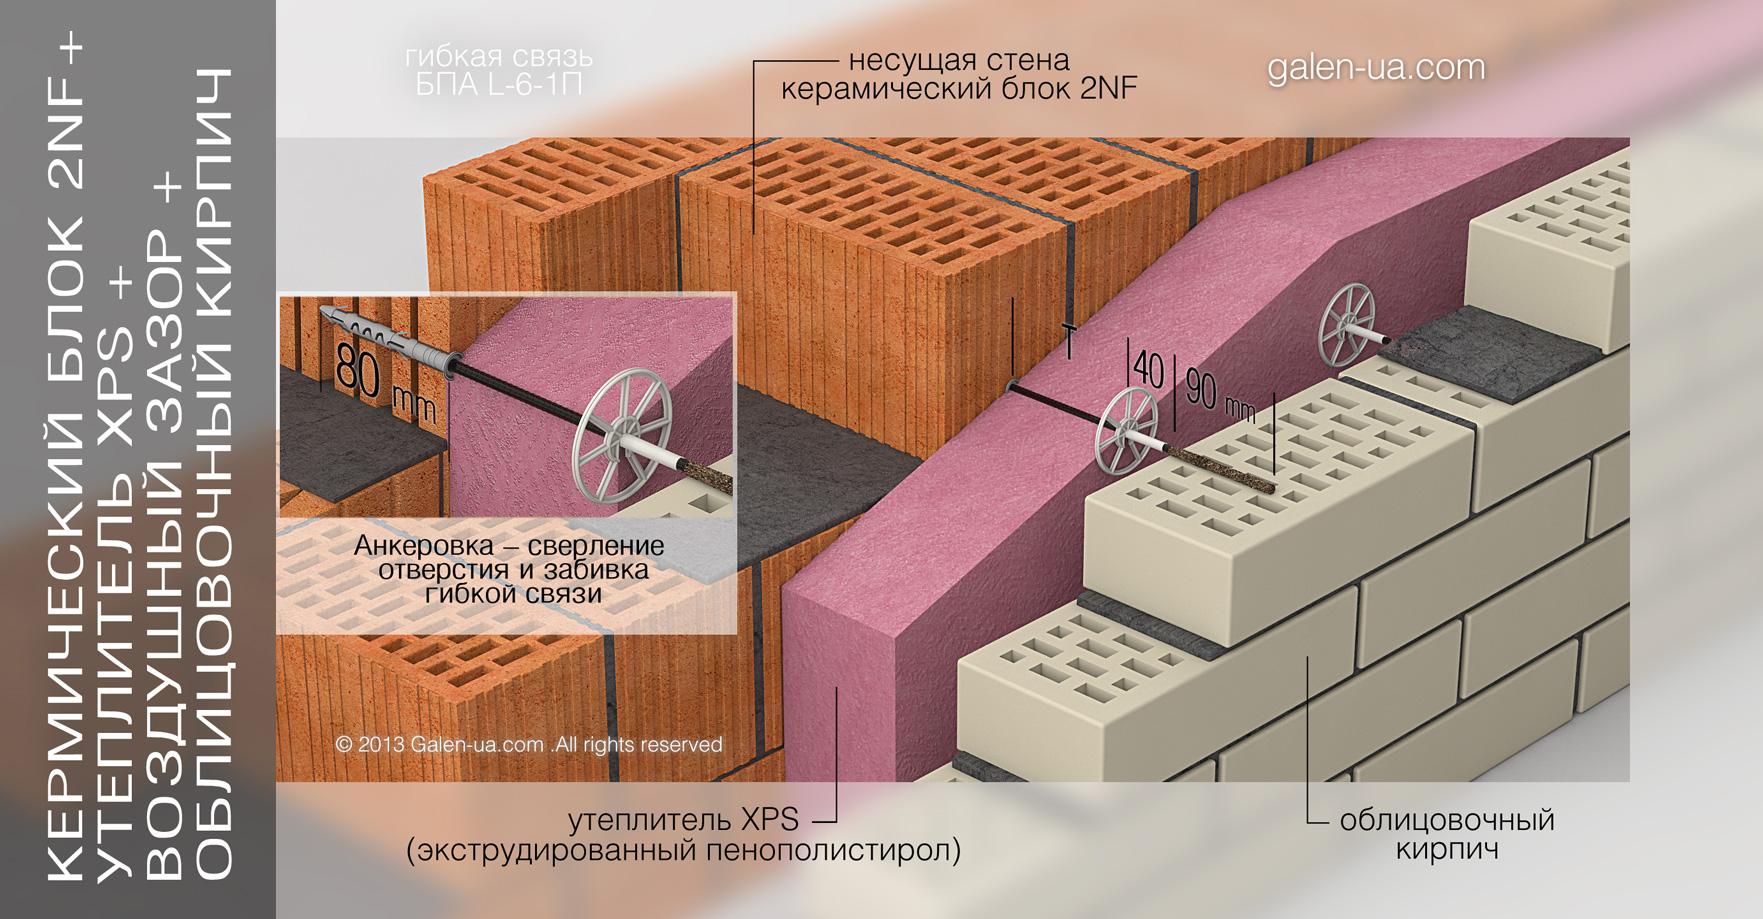 Гибкая связь БПА L-6-1П: Керамический блок 2NF + Утеплитель XPS + Воздушный зазор + Облицовочный кирпич